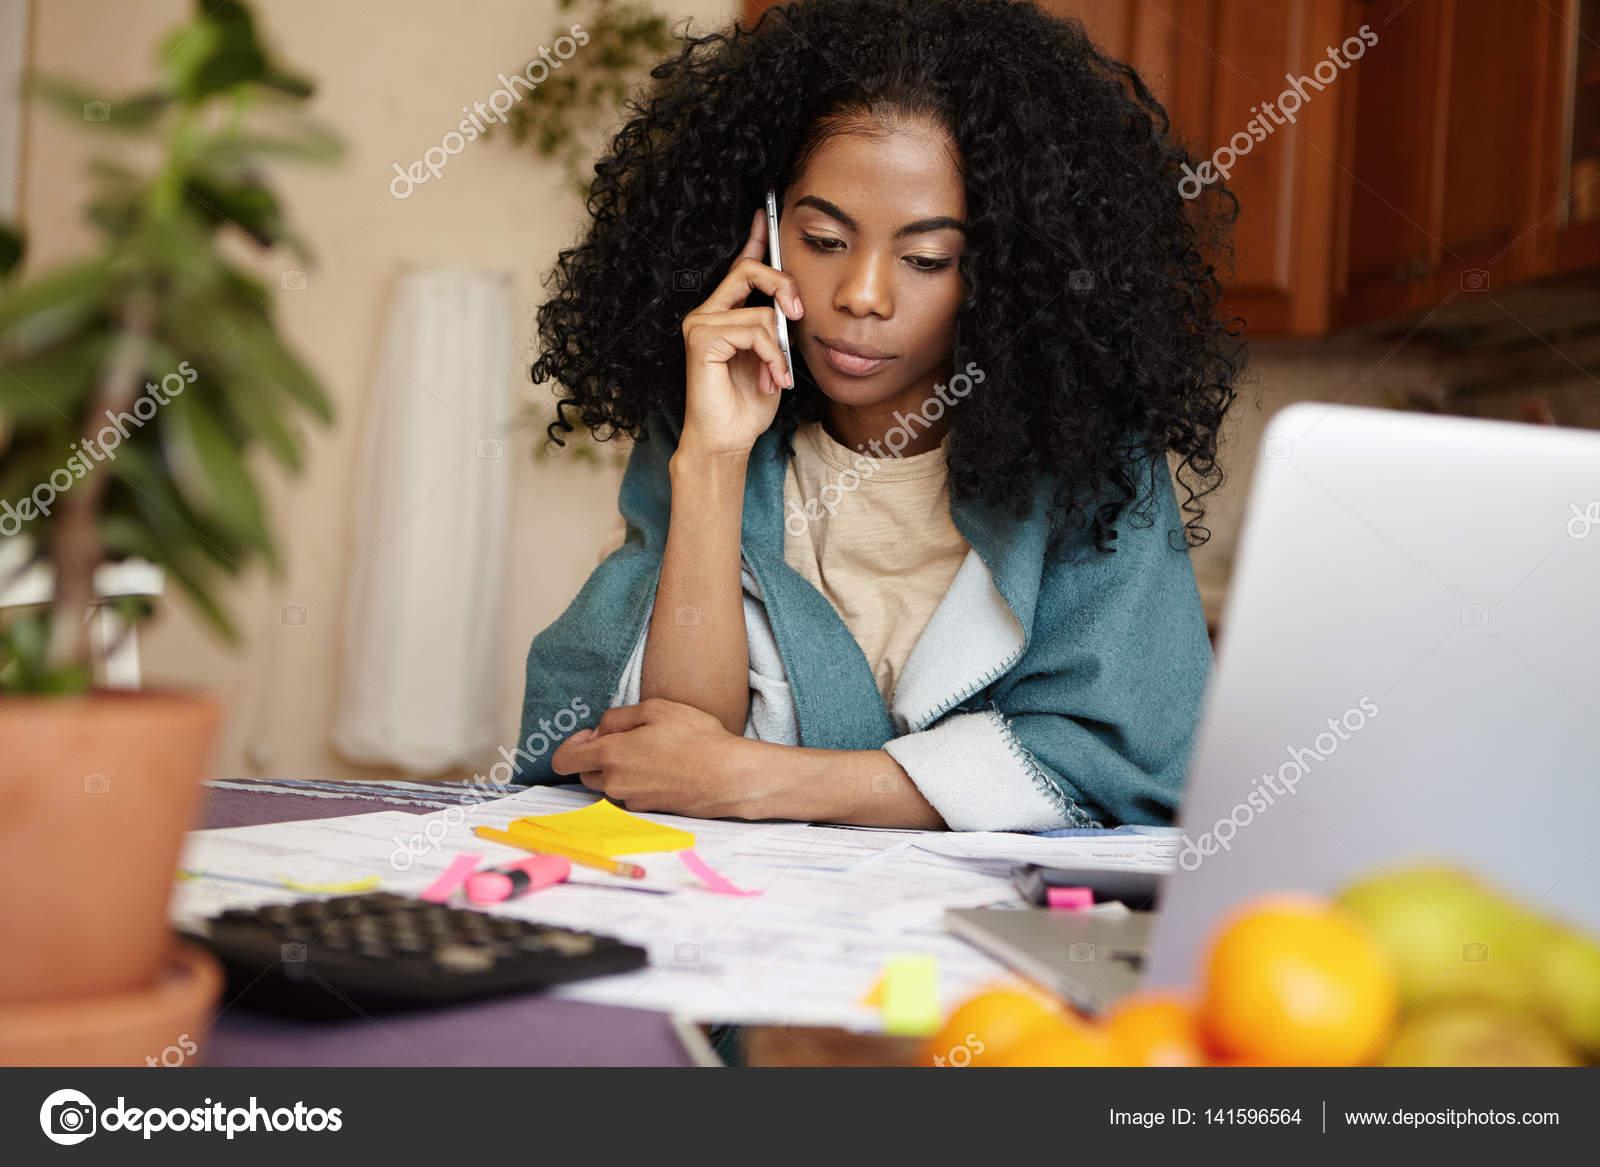 Ebony λεσβία κάθεται στο πρόσωπό βίντεο